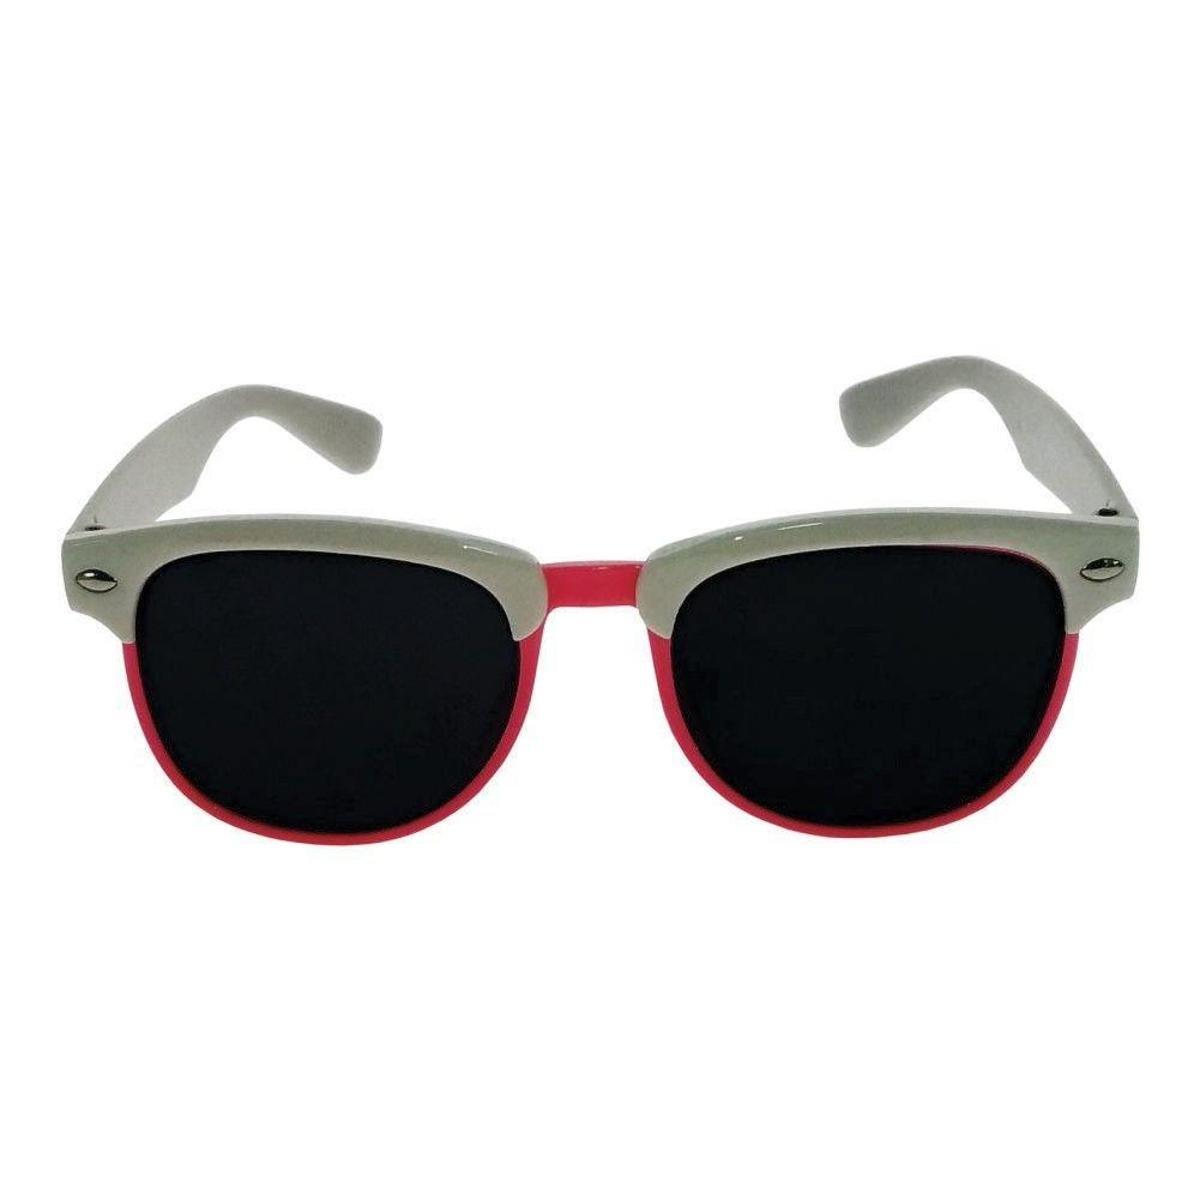 d234735132d08 Óculos de Sol Khatto Infantil Perussi Feminino - Branco e Rosa - Compre  Agora